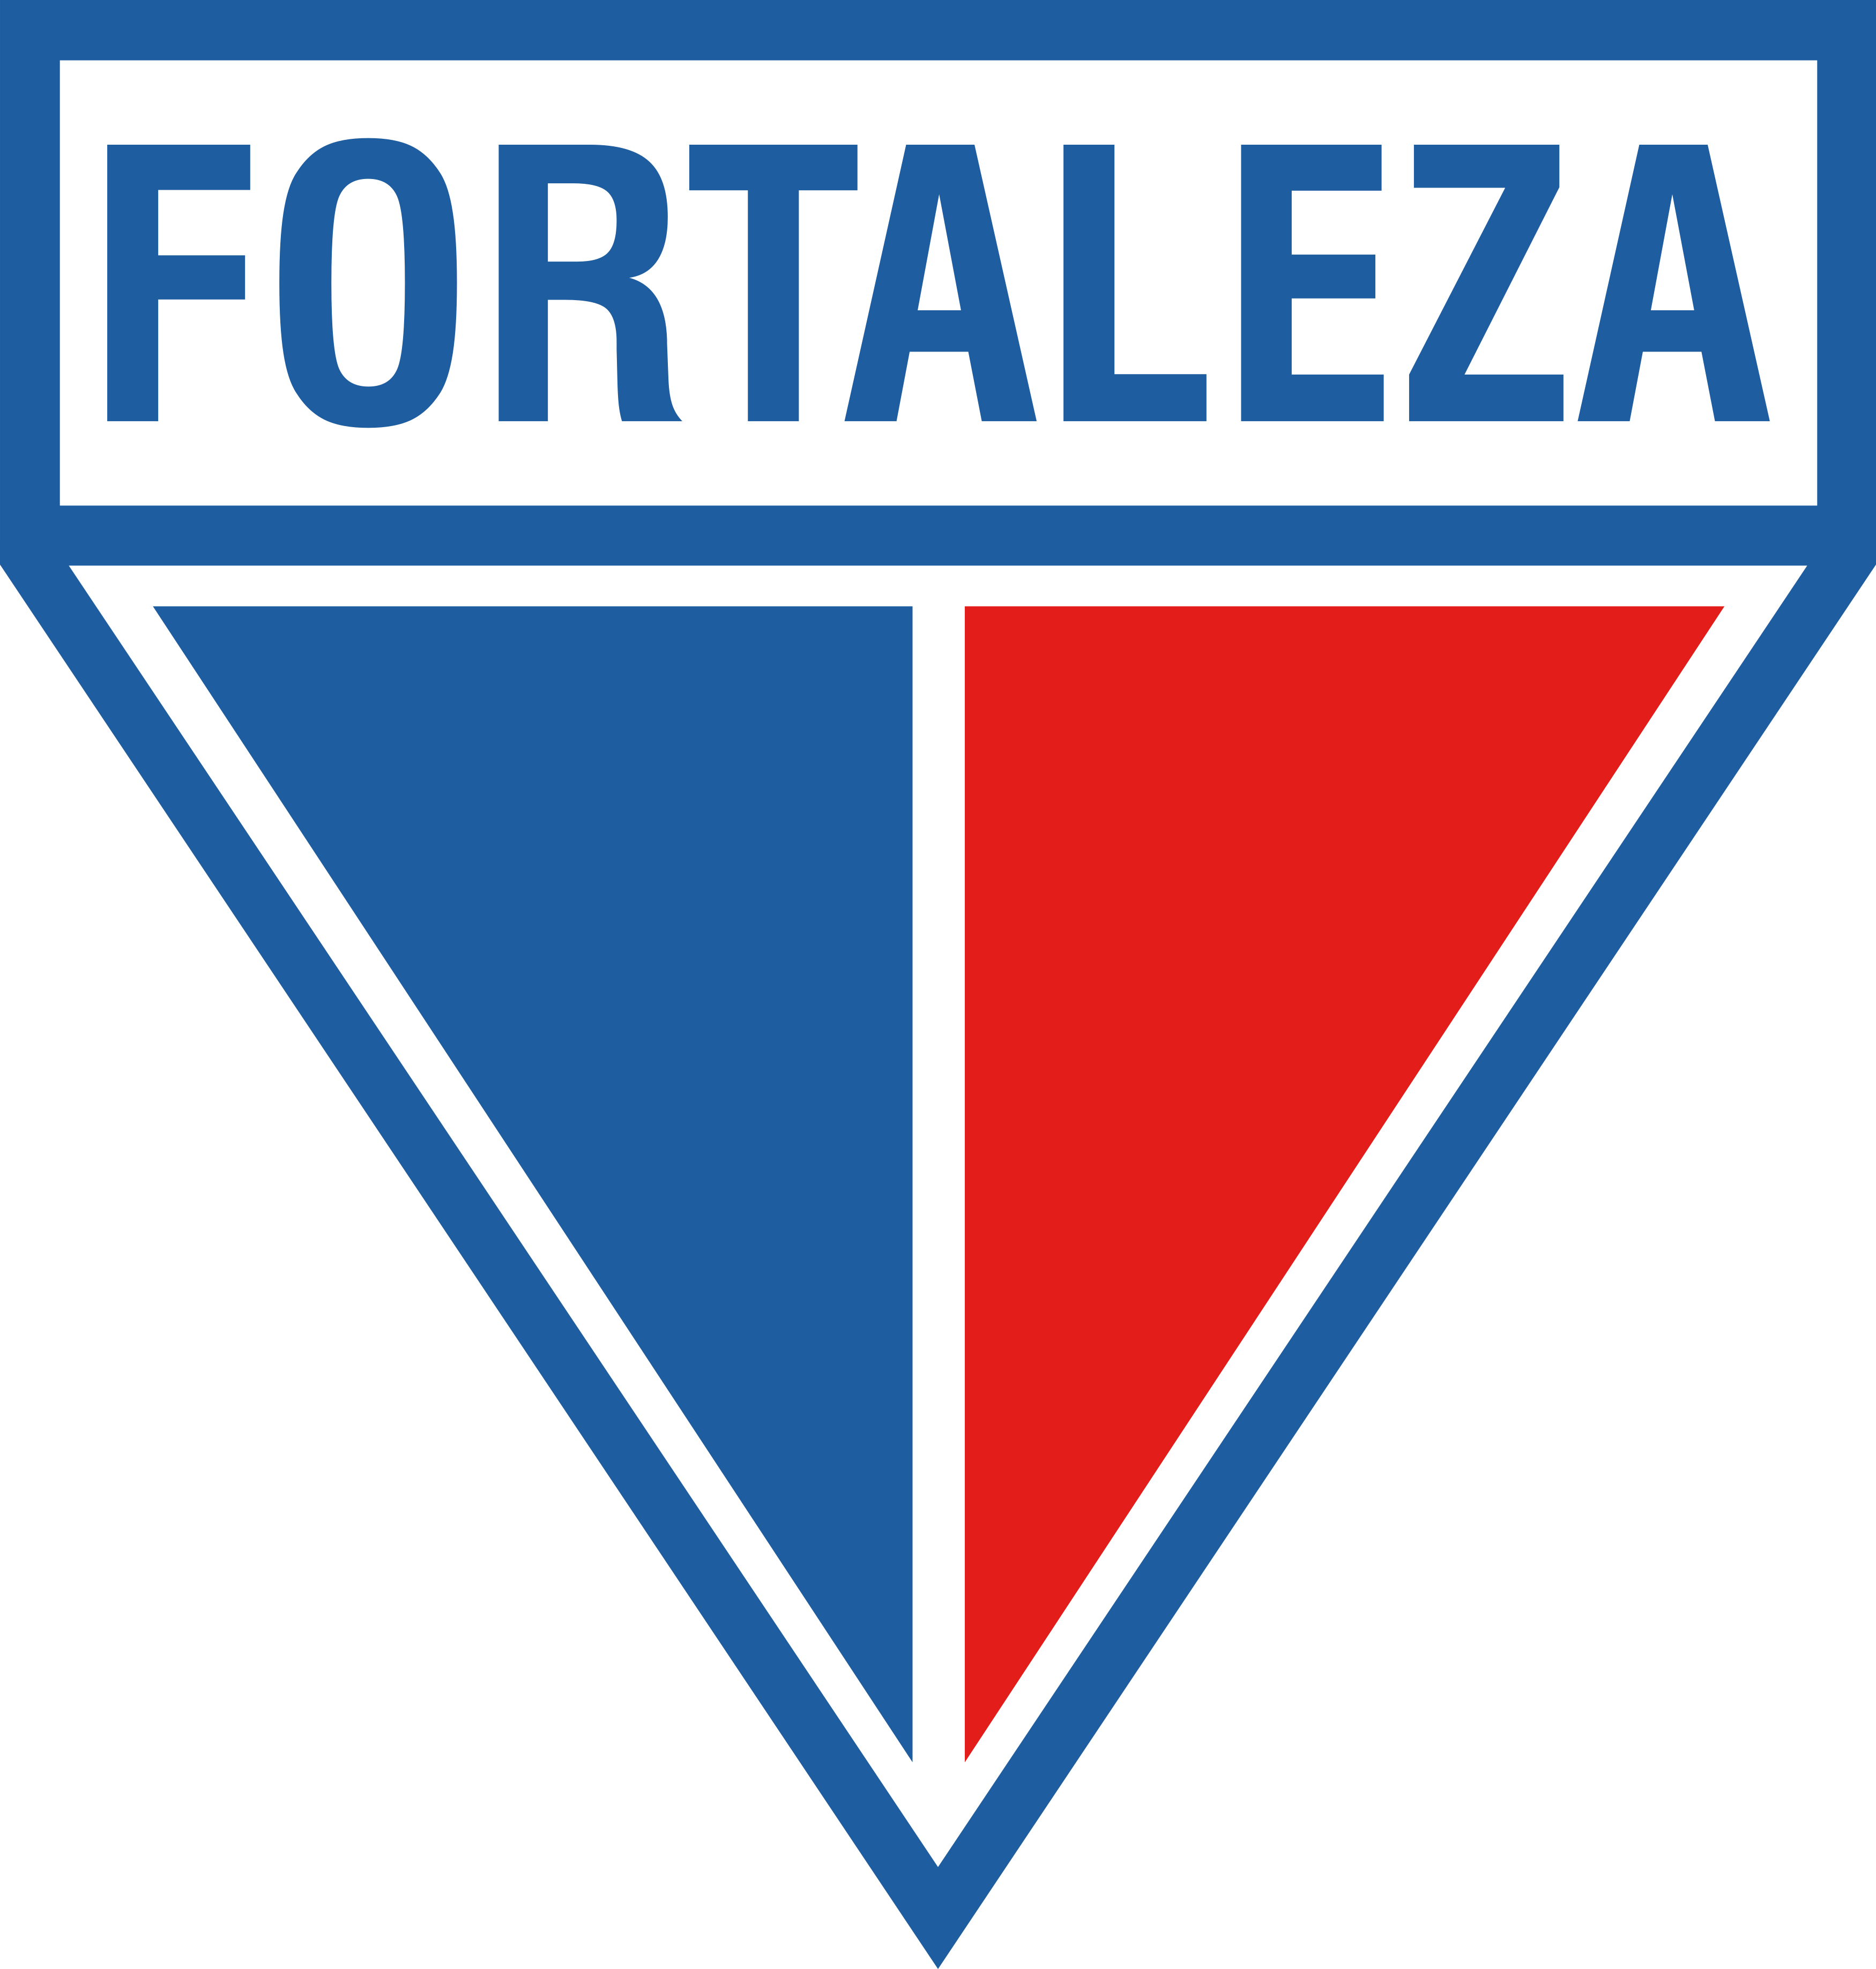 fortaleza ec logo escudo 9 - Fortaleza EC Logo